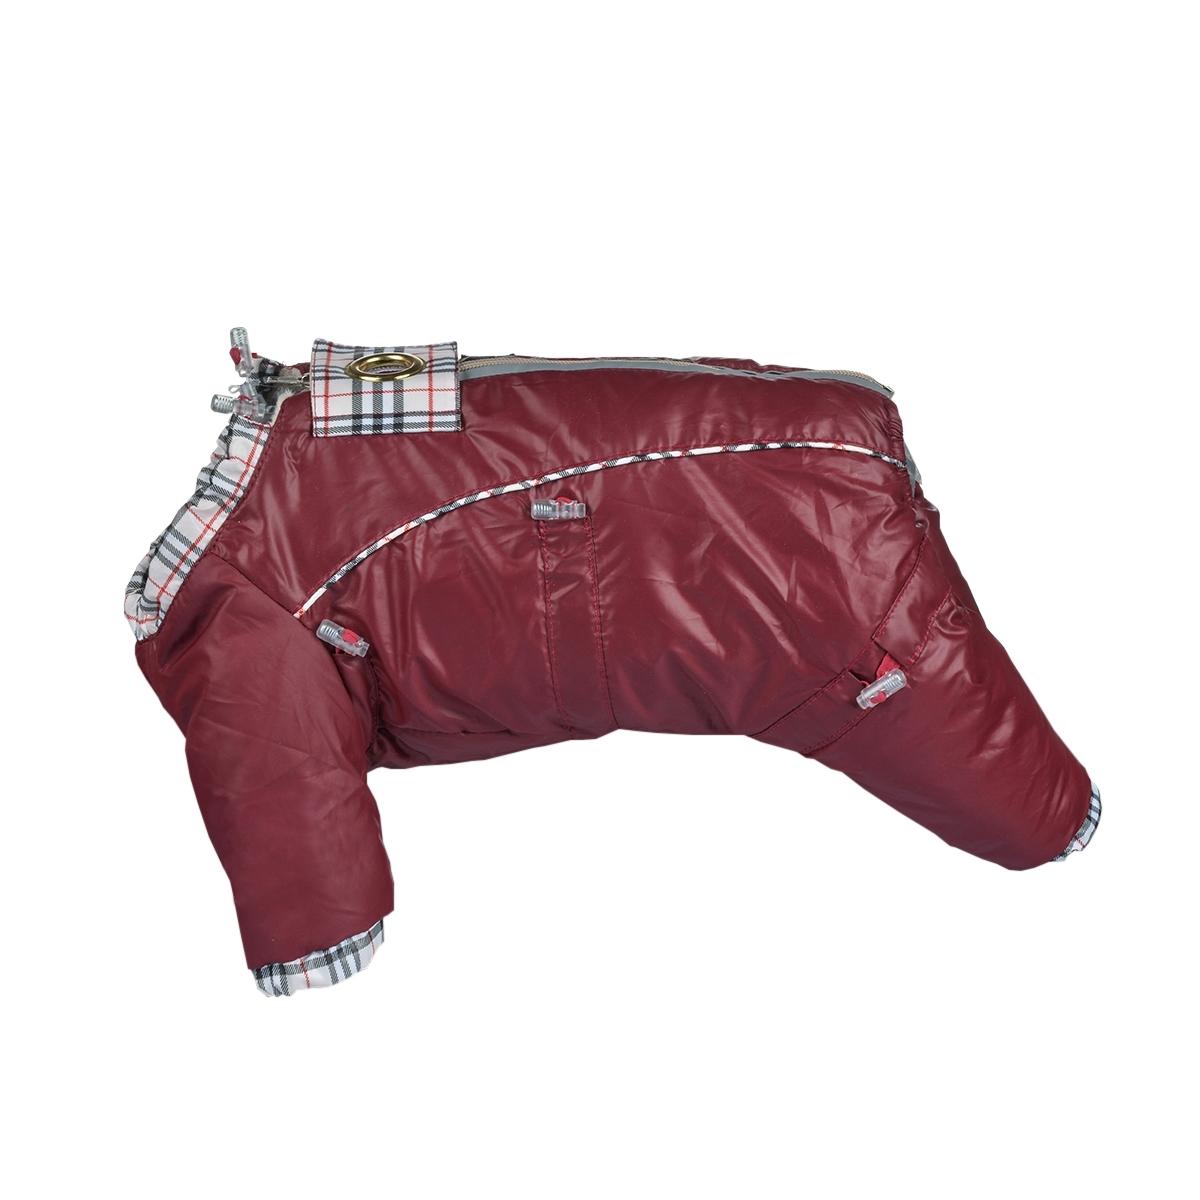 Комбинезон для собак Dogmoda Doggs, для девочки, цвет: бордовый. Размер XXXLDM-140555Комбинезон для собак Dogmoda Doggs отлично подойдет для прогулок в прохладную погоду. Комбинезон изготовлен из полиэстера, защищающего от ветра и осадков, а на подкладке используется вискоза, которая обеспечивает отличный воздухообмен. Комбинезон застегивается на молнию и липучку, благодаря чему его легко надевать и снимать. Молния снабжена светоотражающими элементами. Низ рукавов и брючин оснащен внутренними резинками, которые мягко обхватывают лапки, не позволяя просачиваться холодному воздуху. На вороте, пояснице и лапках комбинезон затягивается на шнурок-кулиску с затяжкой. Модель снабжена непромокаемым карманом для размещения записки с информацией о вашем питомце, на случай если он потеряется. Благодаря такому комбинезону простуда не грозит вашему питомцу.